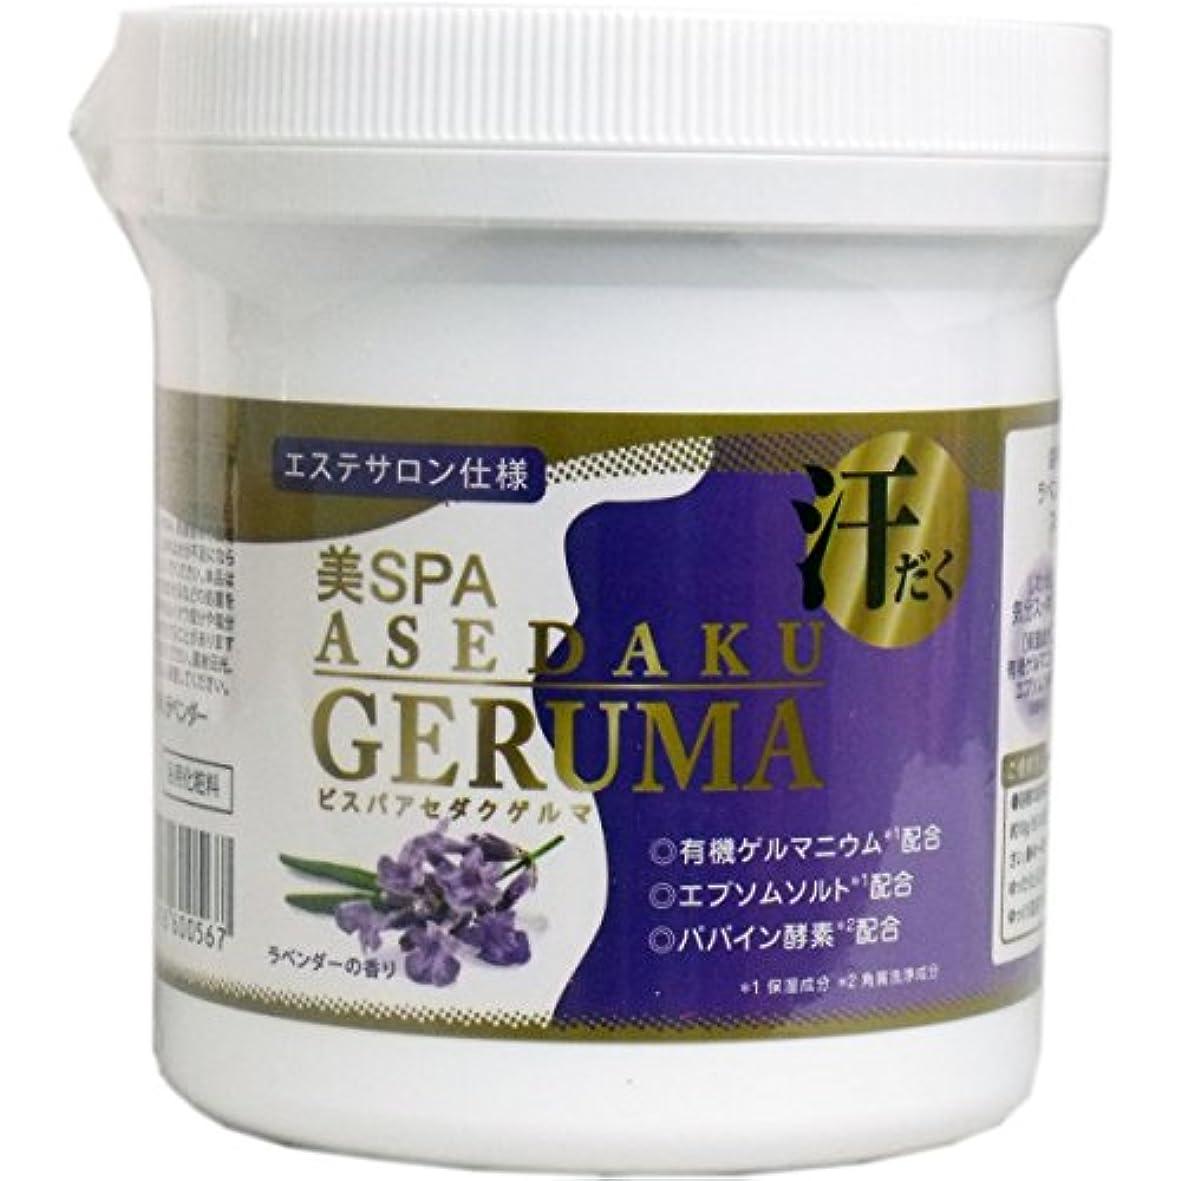 黒人流暢かき混ぜる日本生化学 ゲルマニウム入浴料 美SPA ASEDAKU GERUMA ラベンダー ボトル 400g